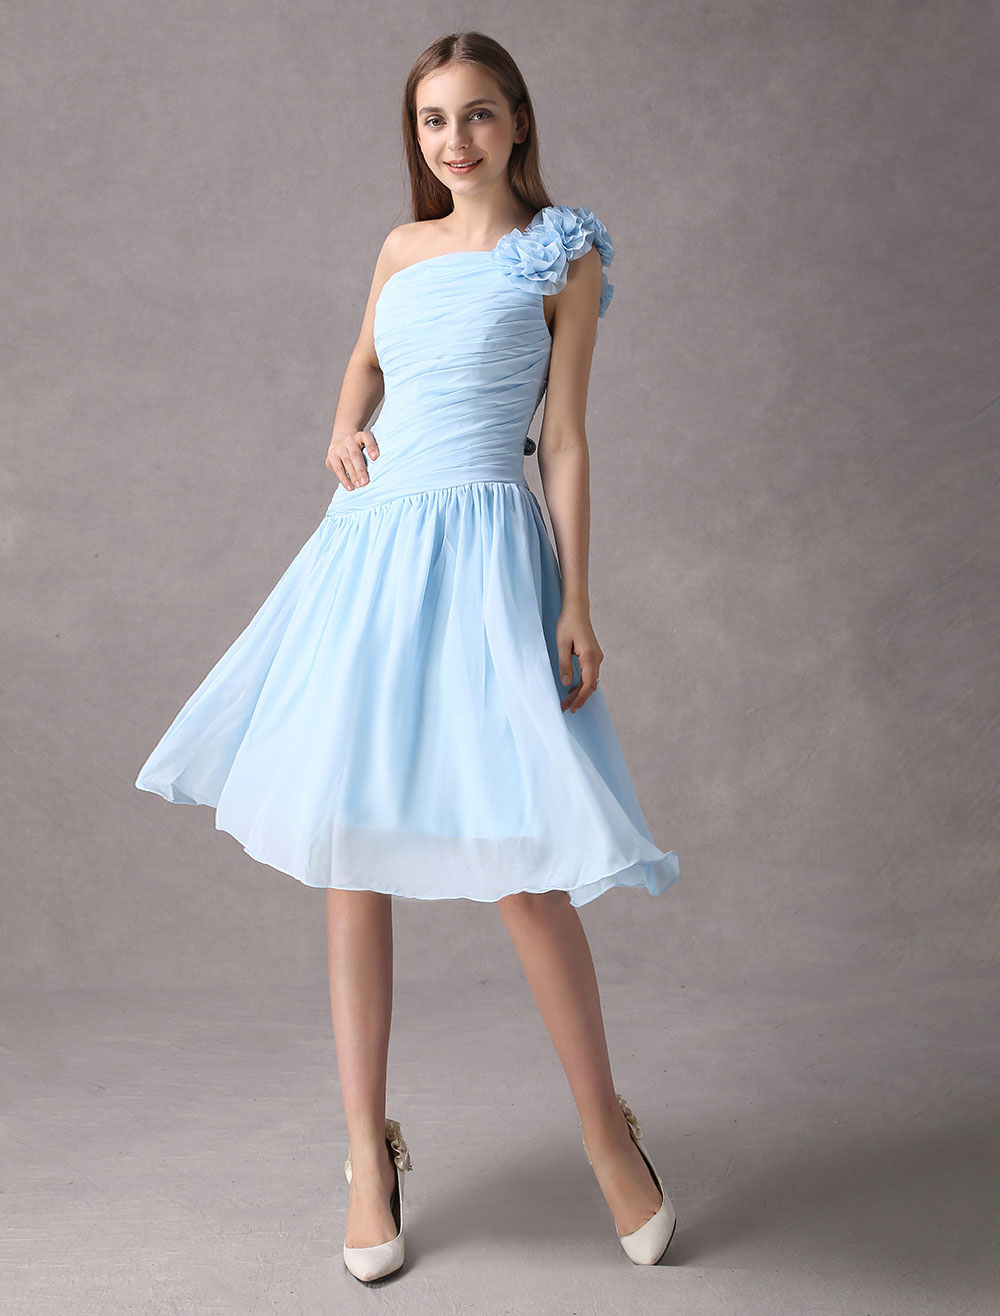 eb0ae5c9c7 Flor Vestidos De Damas De Honor - Dressinwedding.com